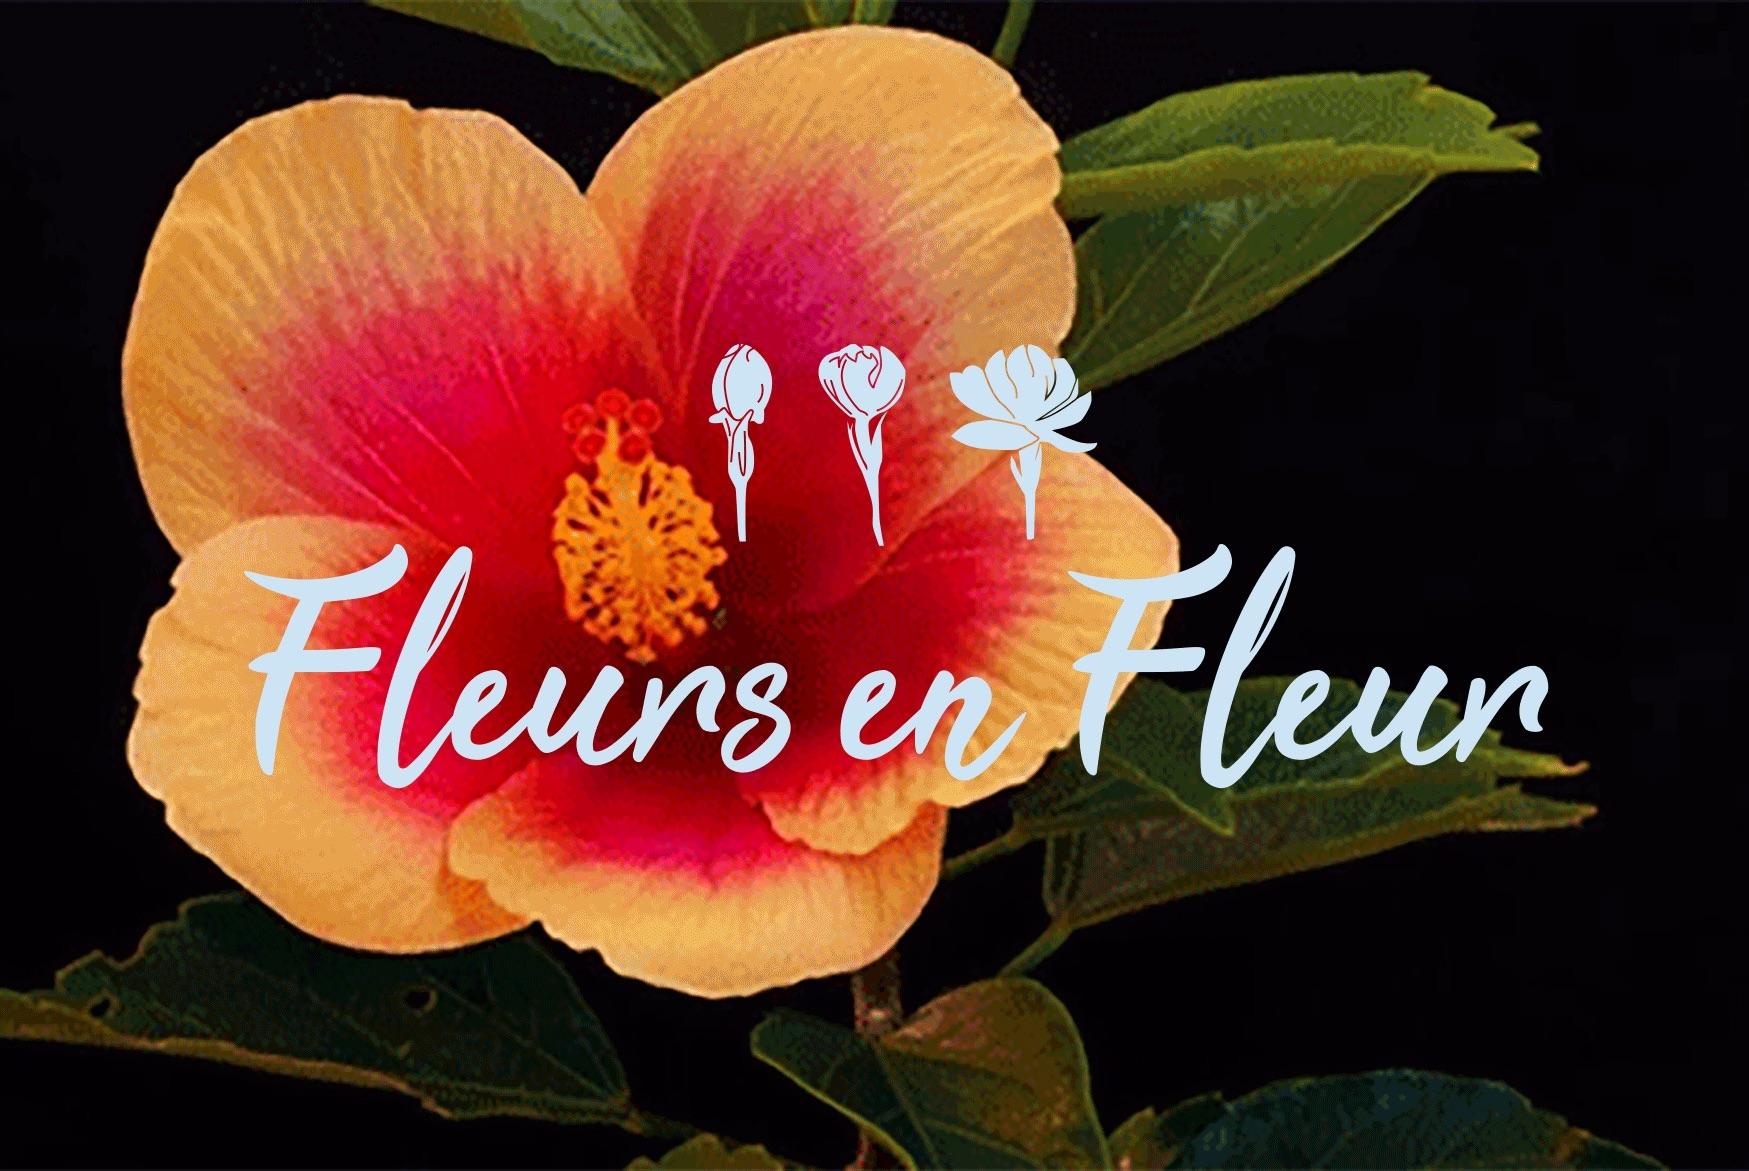 Fleurs en Fleur